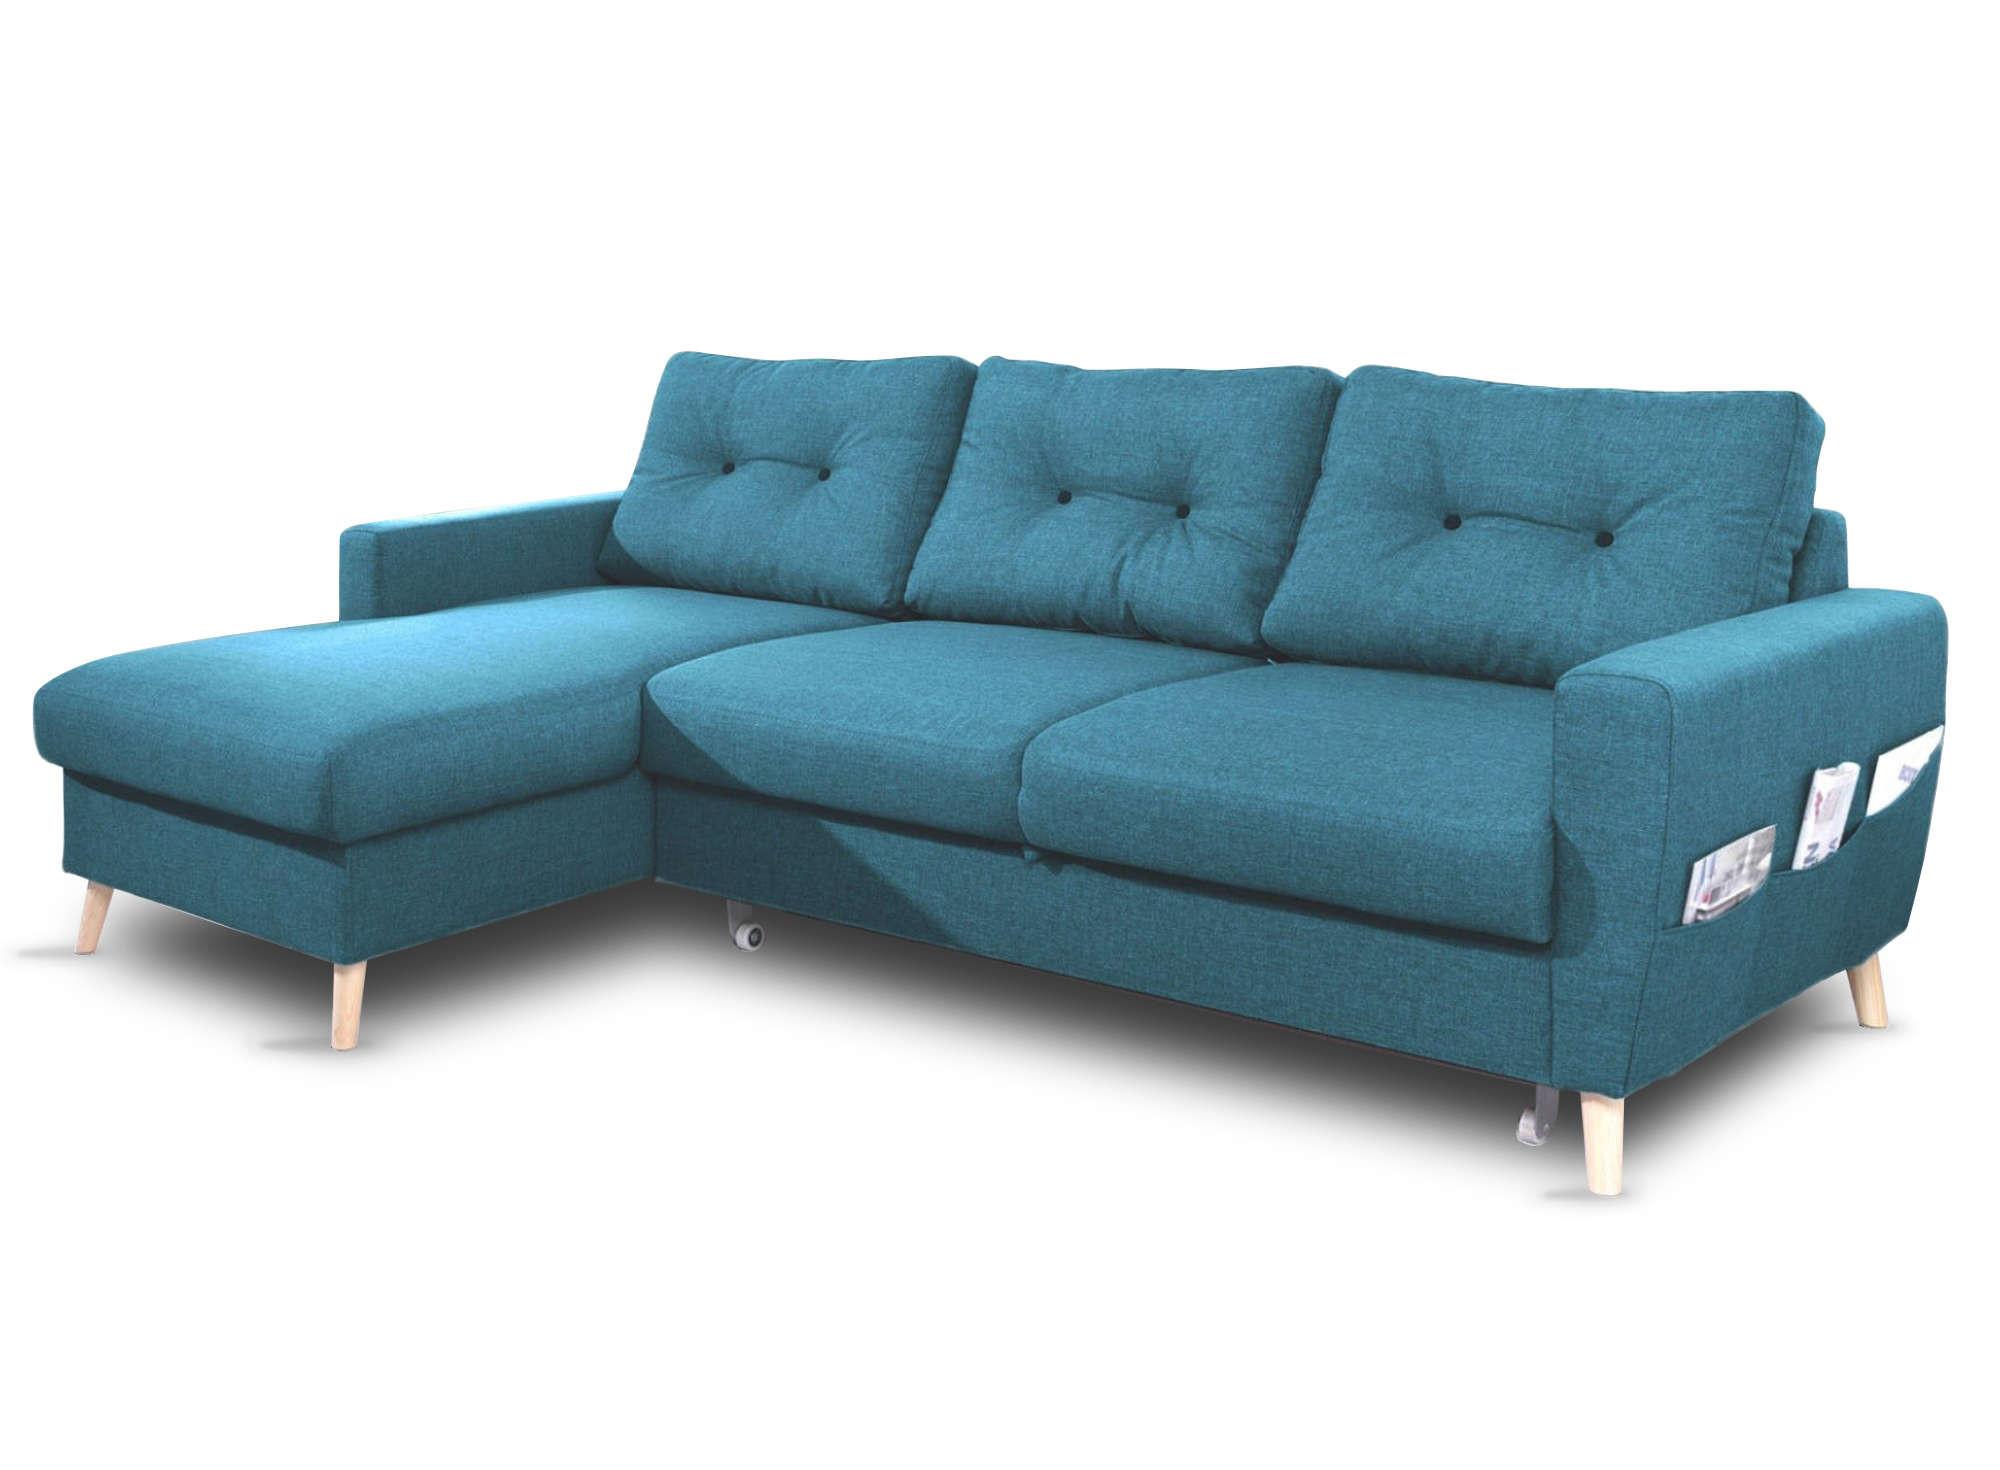 Canapé d'angle 4 places Bleu Tissu Contemporain Confort